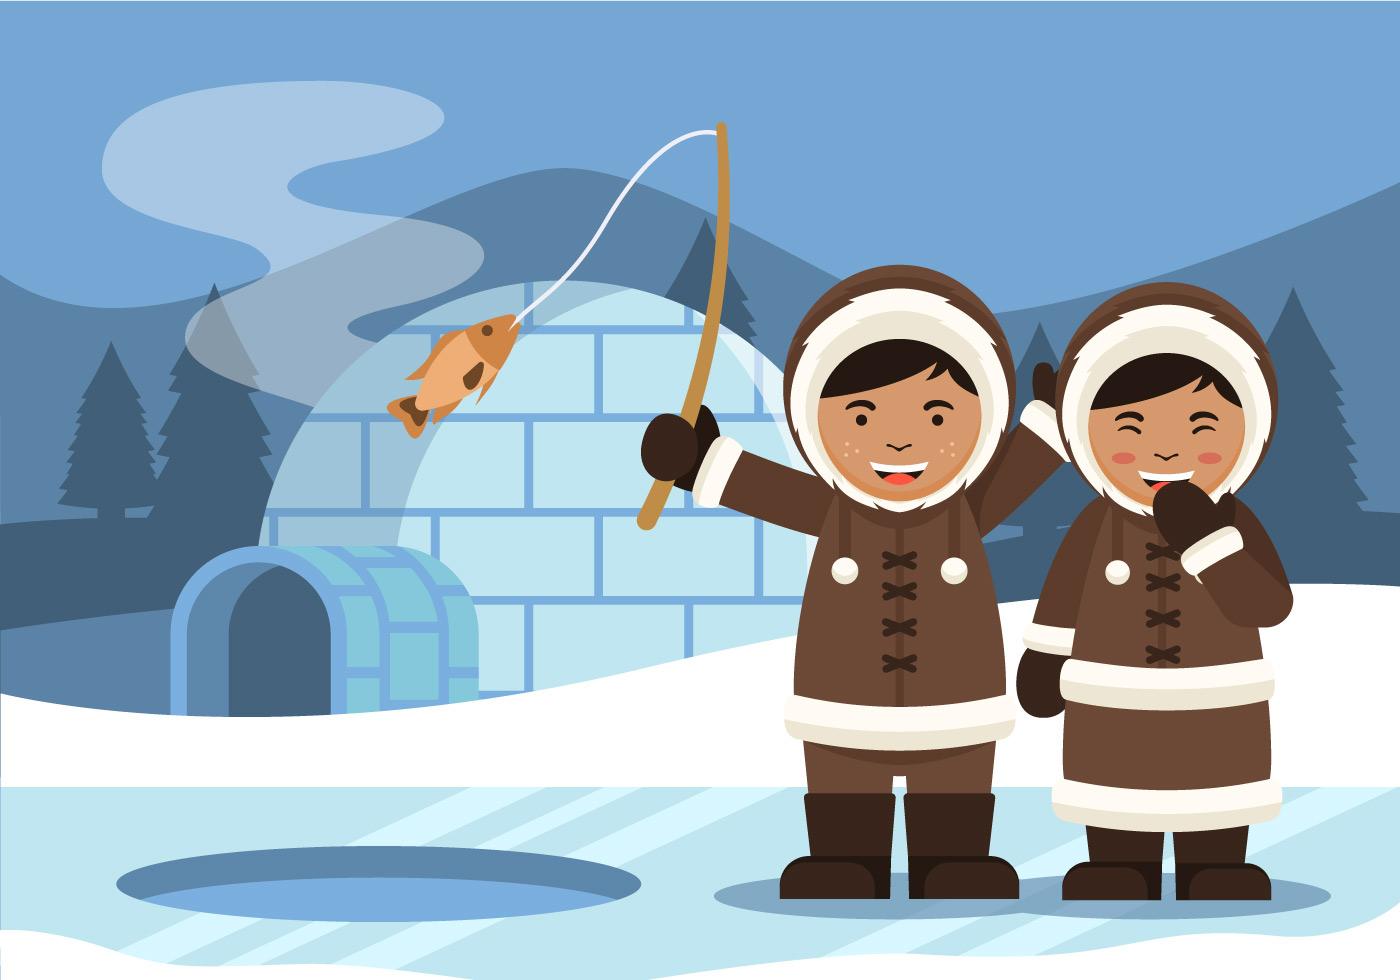 все об эскимосах в картинках шевченко начал